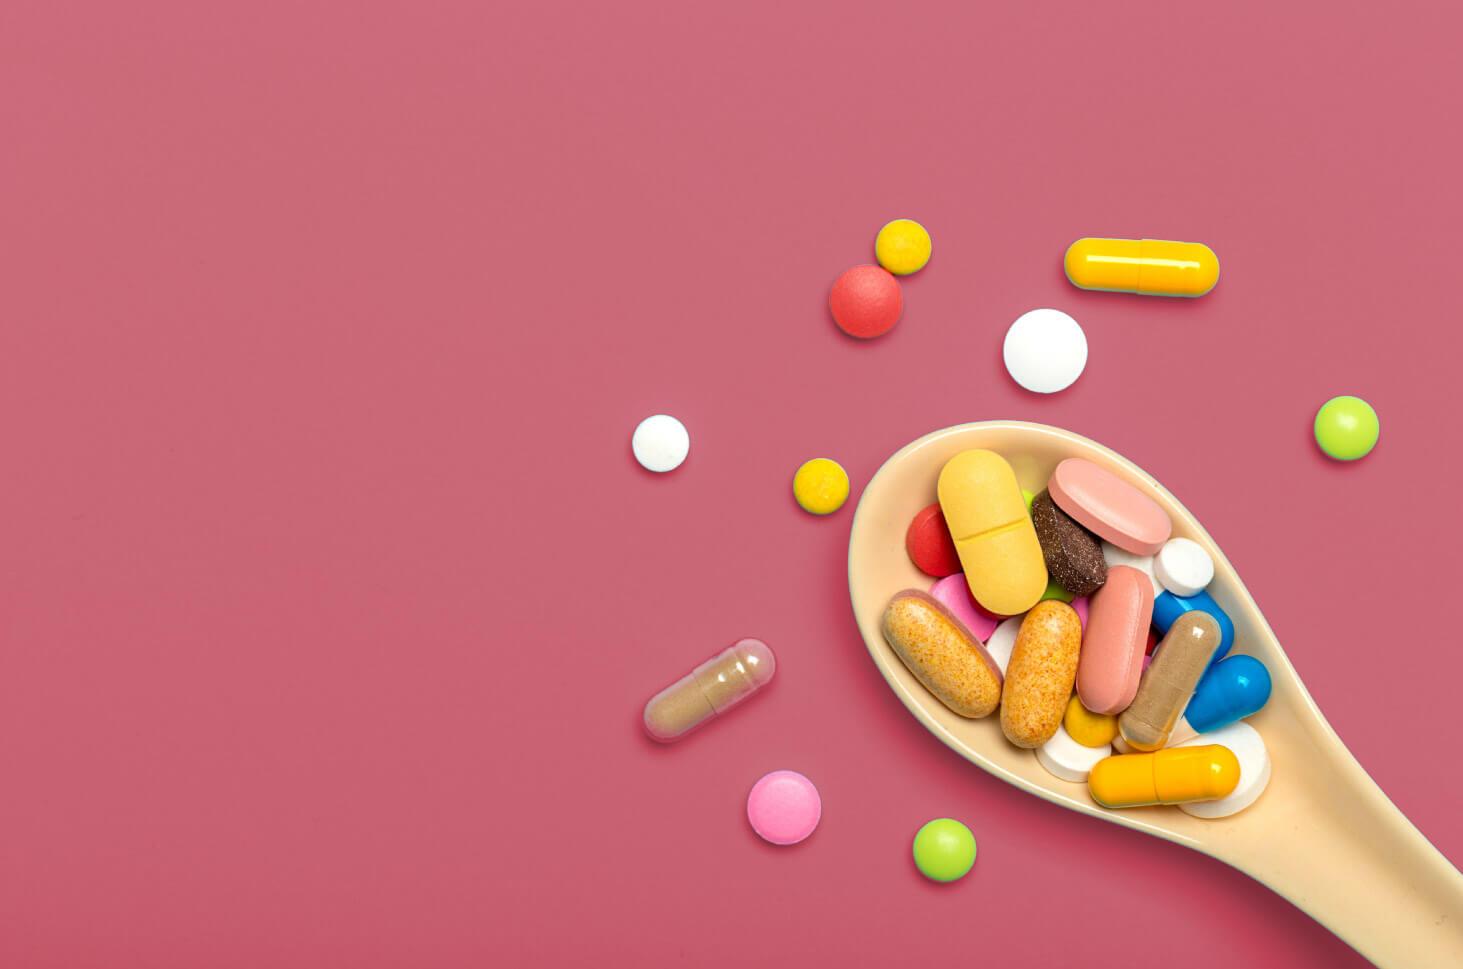 Hukum Konsumsi Obat Penunda Haid dan Obat Pelangsing